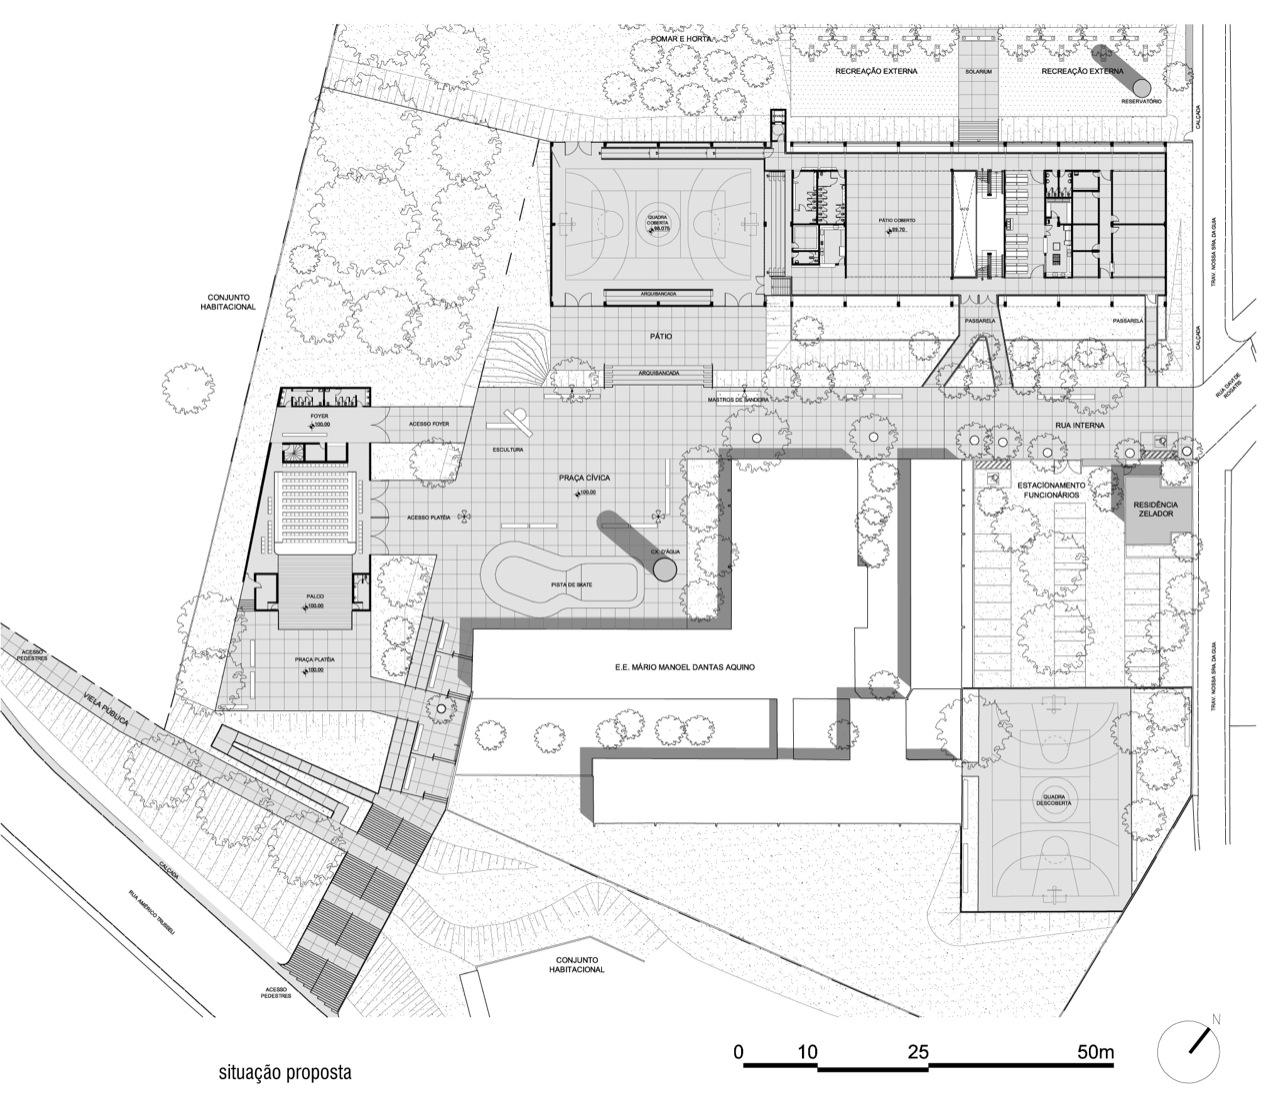 Galeria De Fde Escola Parque Dourado V Apiac S